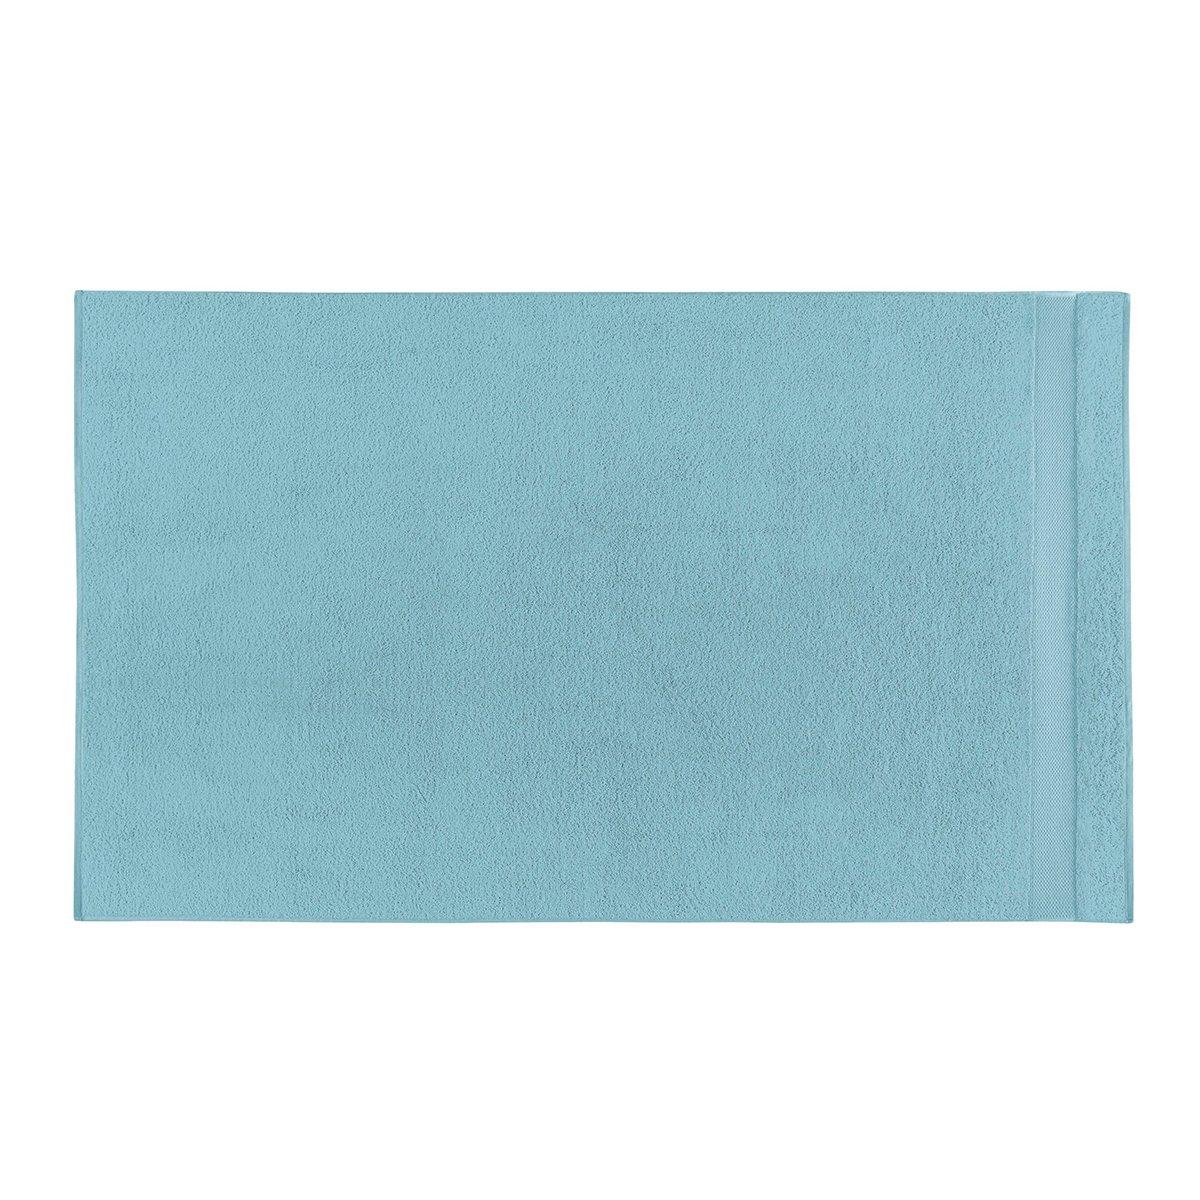 Drap de bain coton 90x150 cm azur